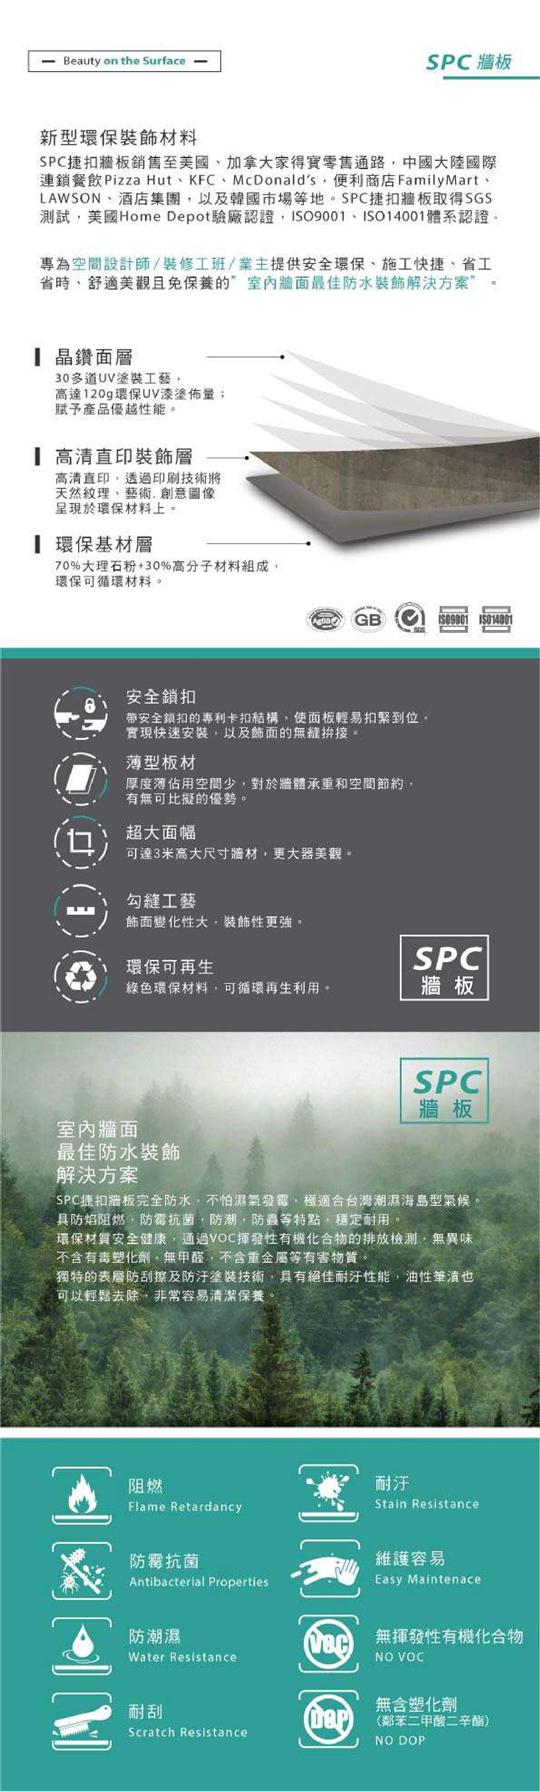 PECKER SPC新型環保裝飾材料 02-2985-8878